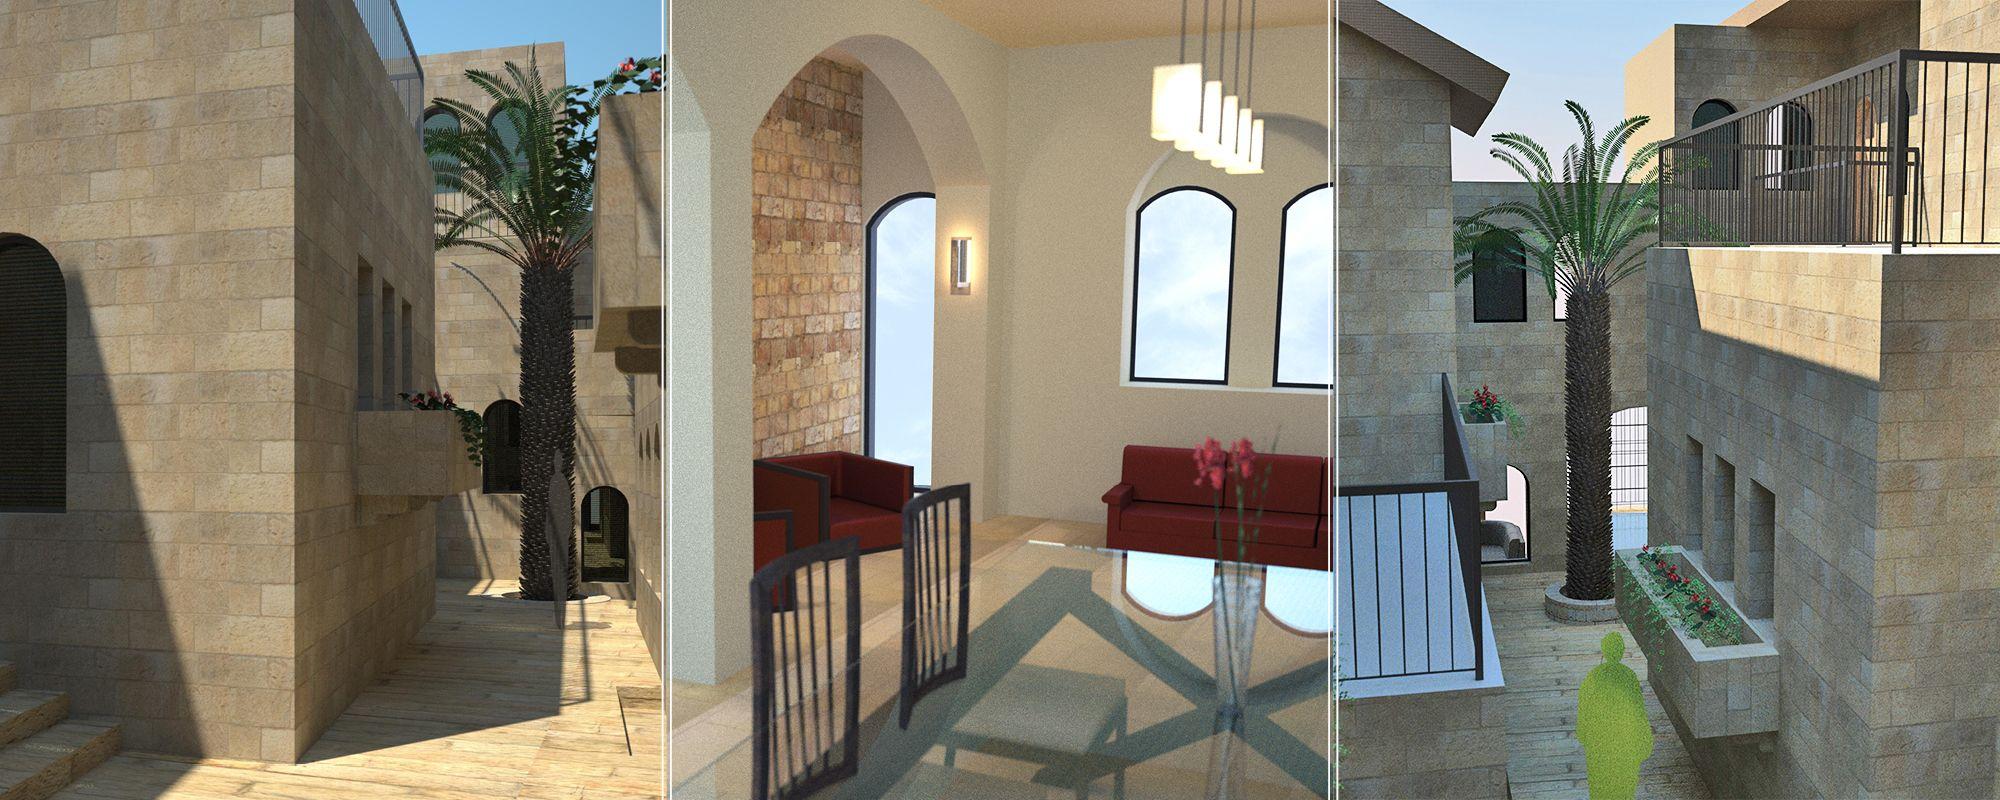 מבתים לשכונות: שכונה לתושבי ניו יורק בירושלים. מסתורין של סימטאות ושימור